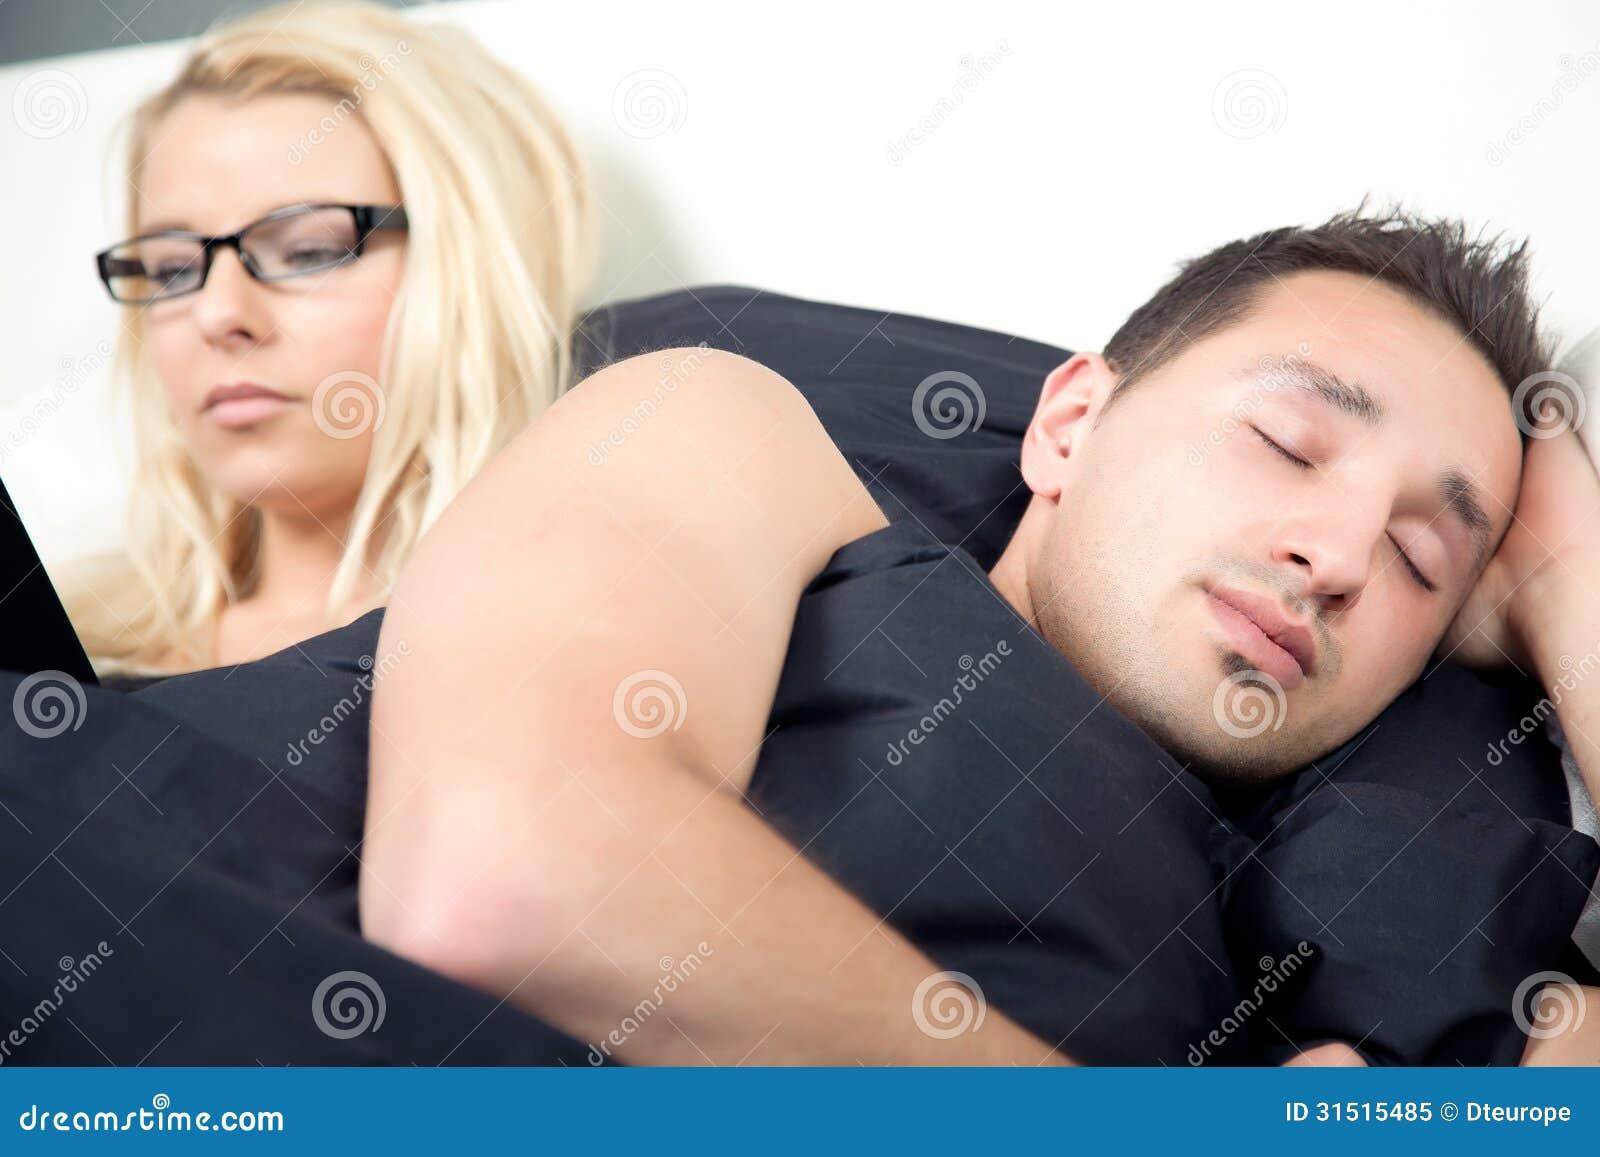 С женой в кровате фото 3 фотография